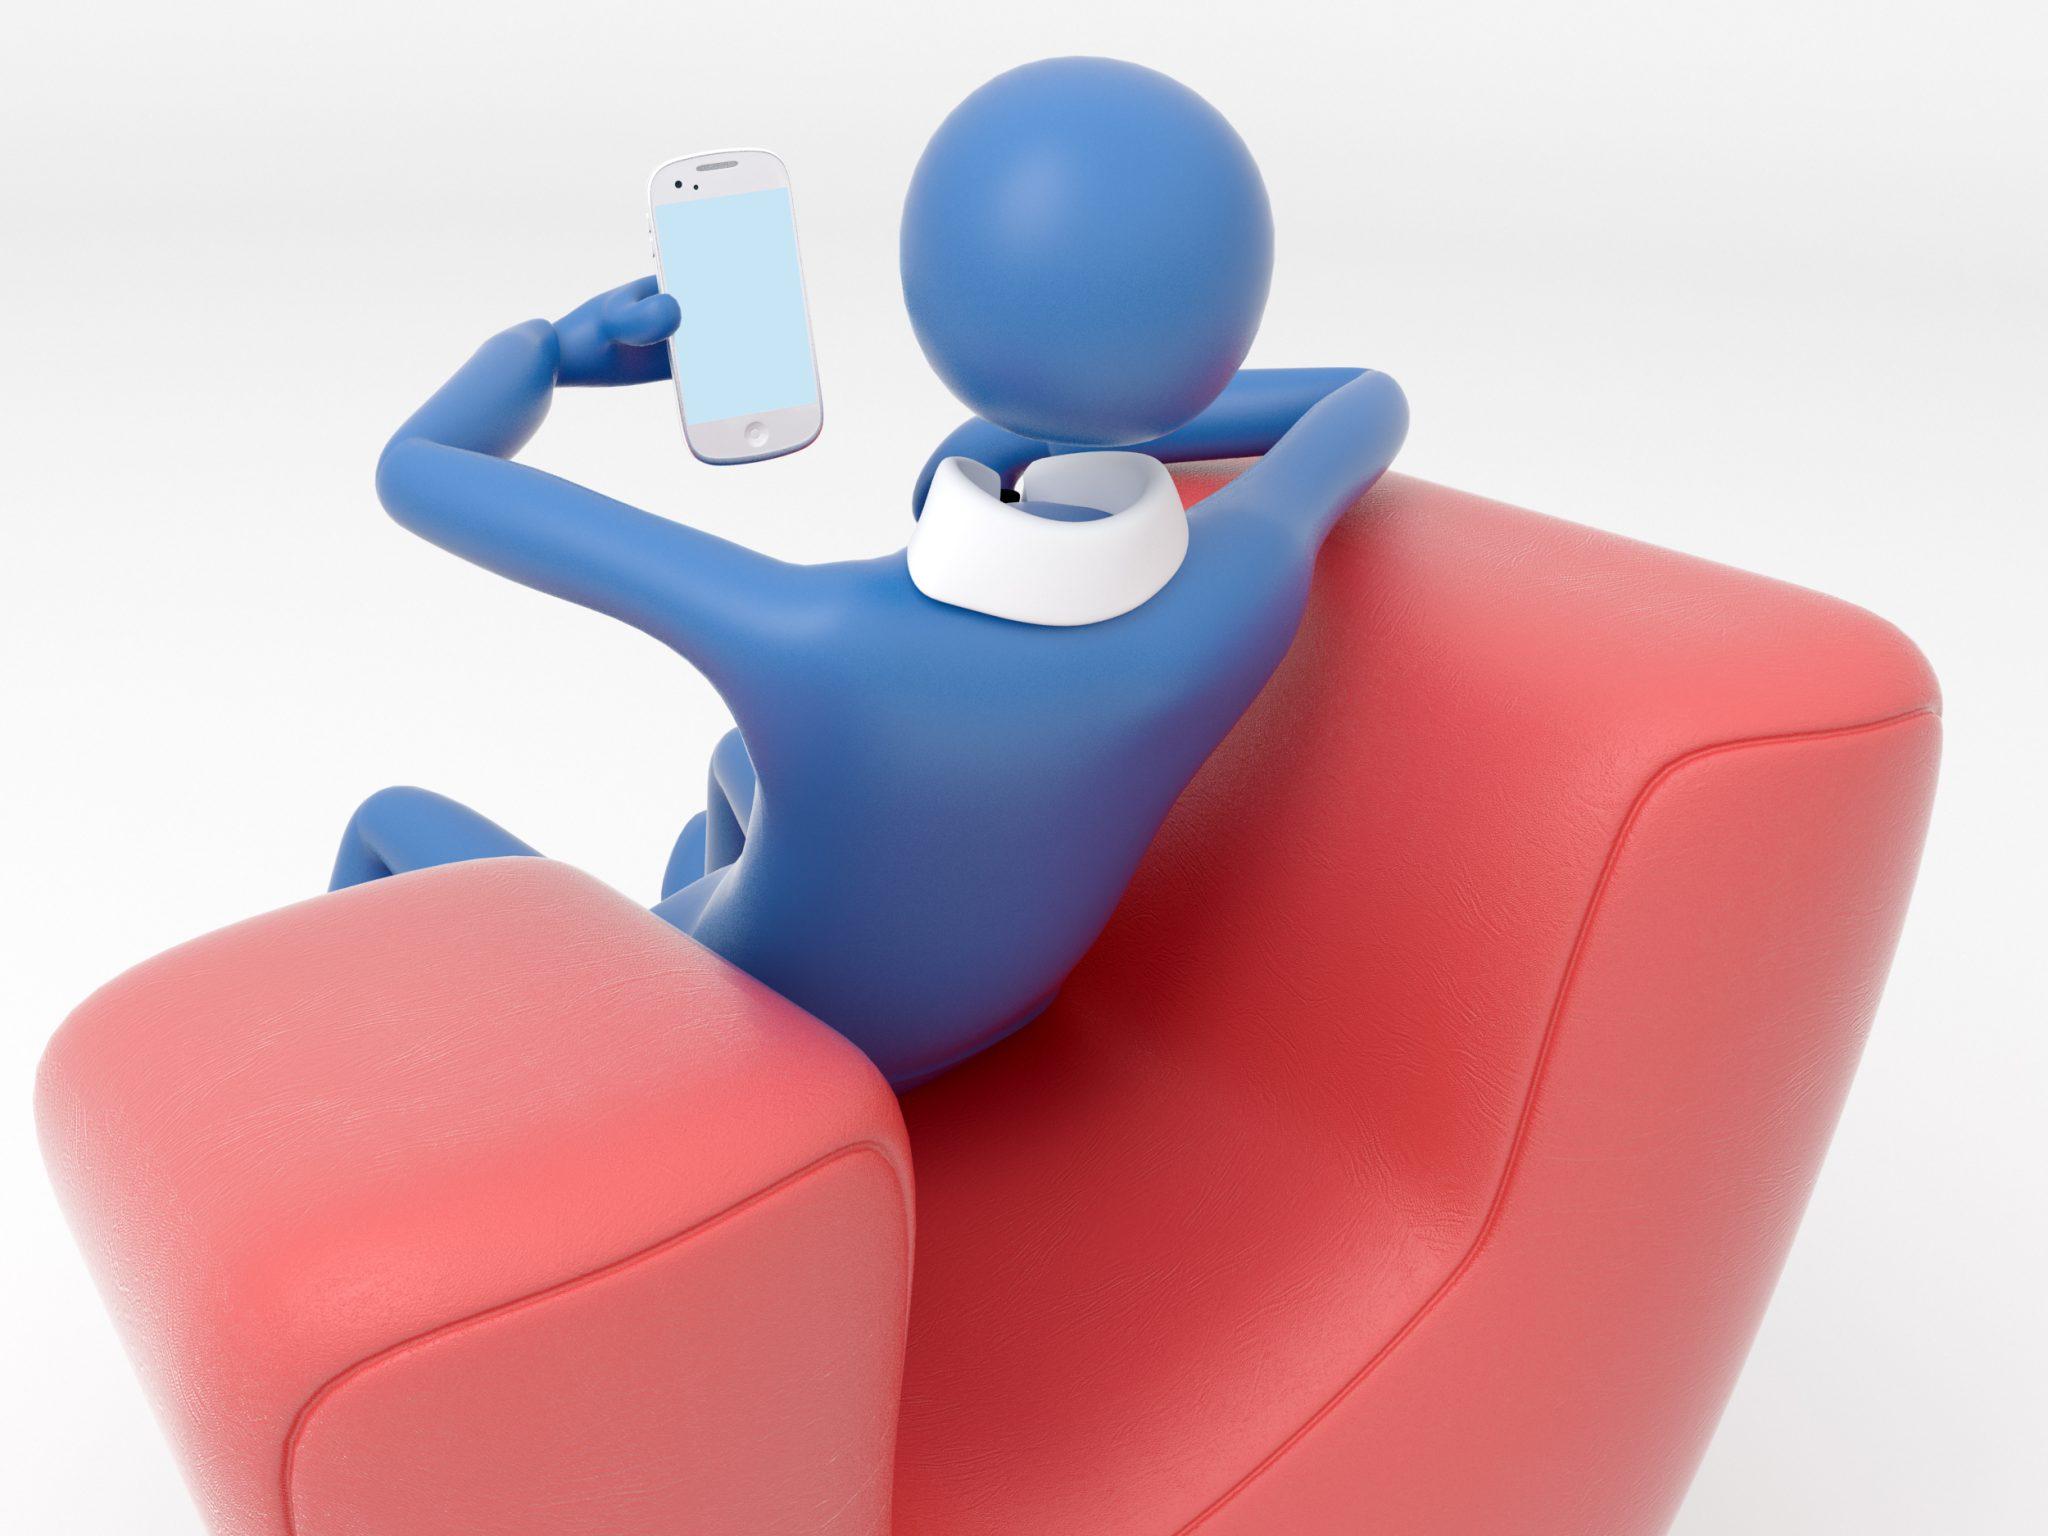 Momente der Ruhe als bedeutsame Faktoren für produktives Arbeiten